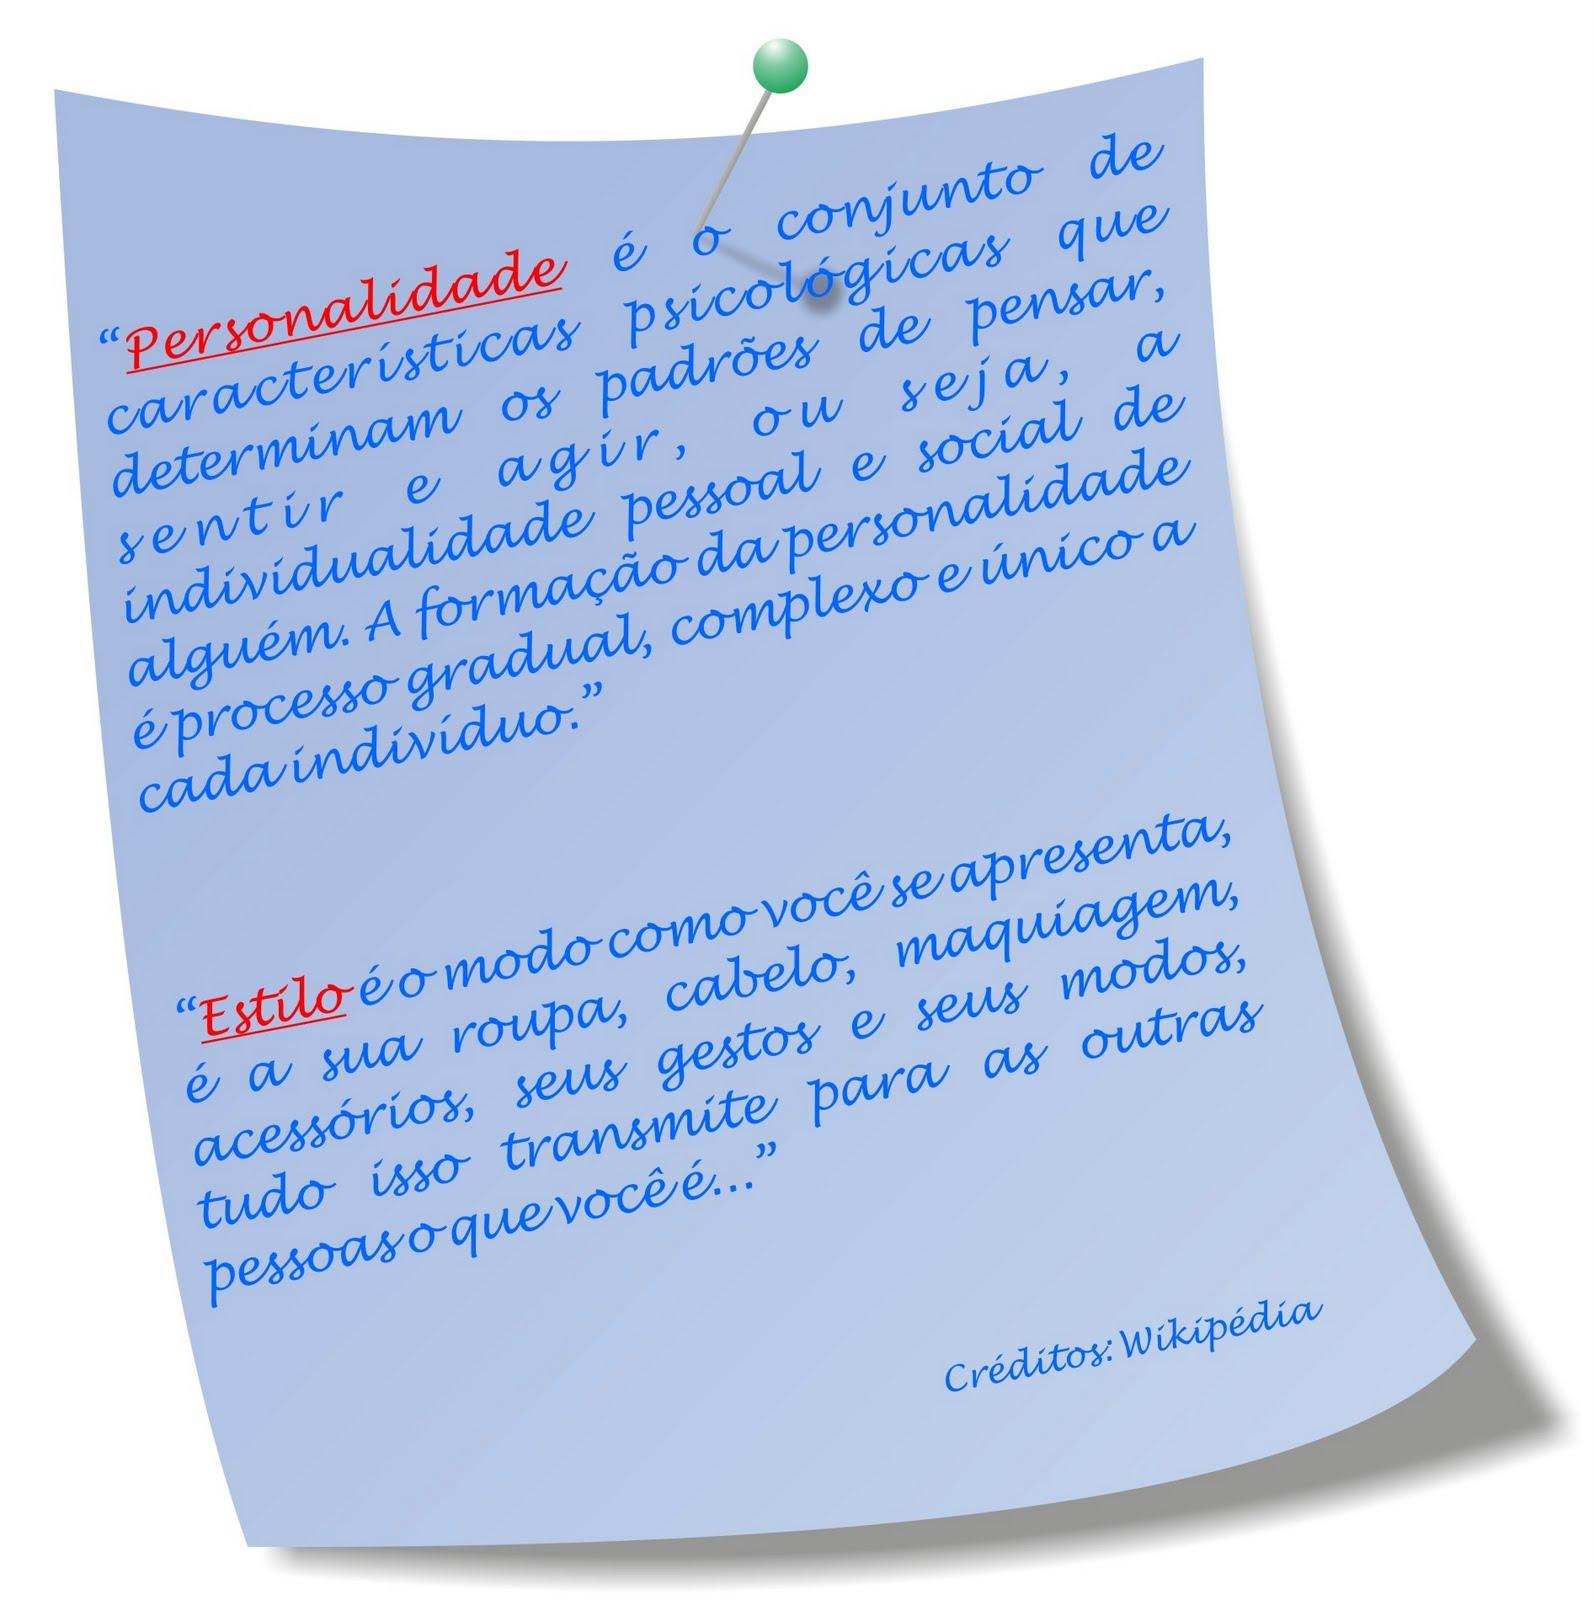 http://4.bp.blogspot.com/_tf5xogU6RFY/TI54PEgPOrI/AAAAAAAAACQ/8I0fFDsNmDE/s1600/Post_1.jpg